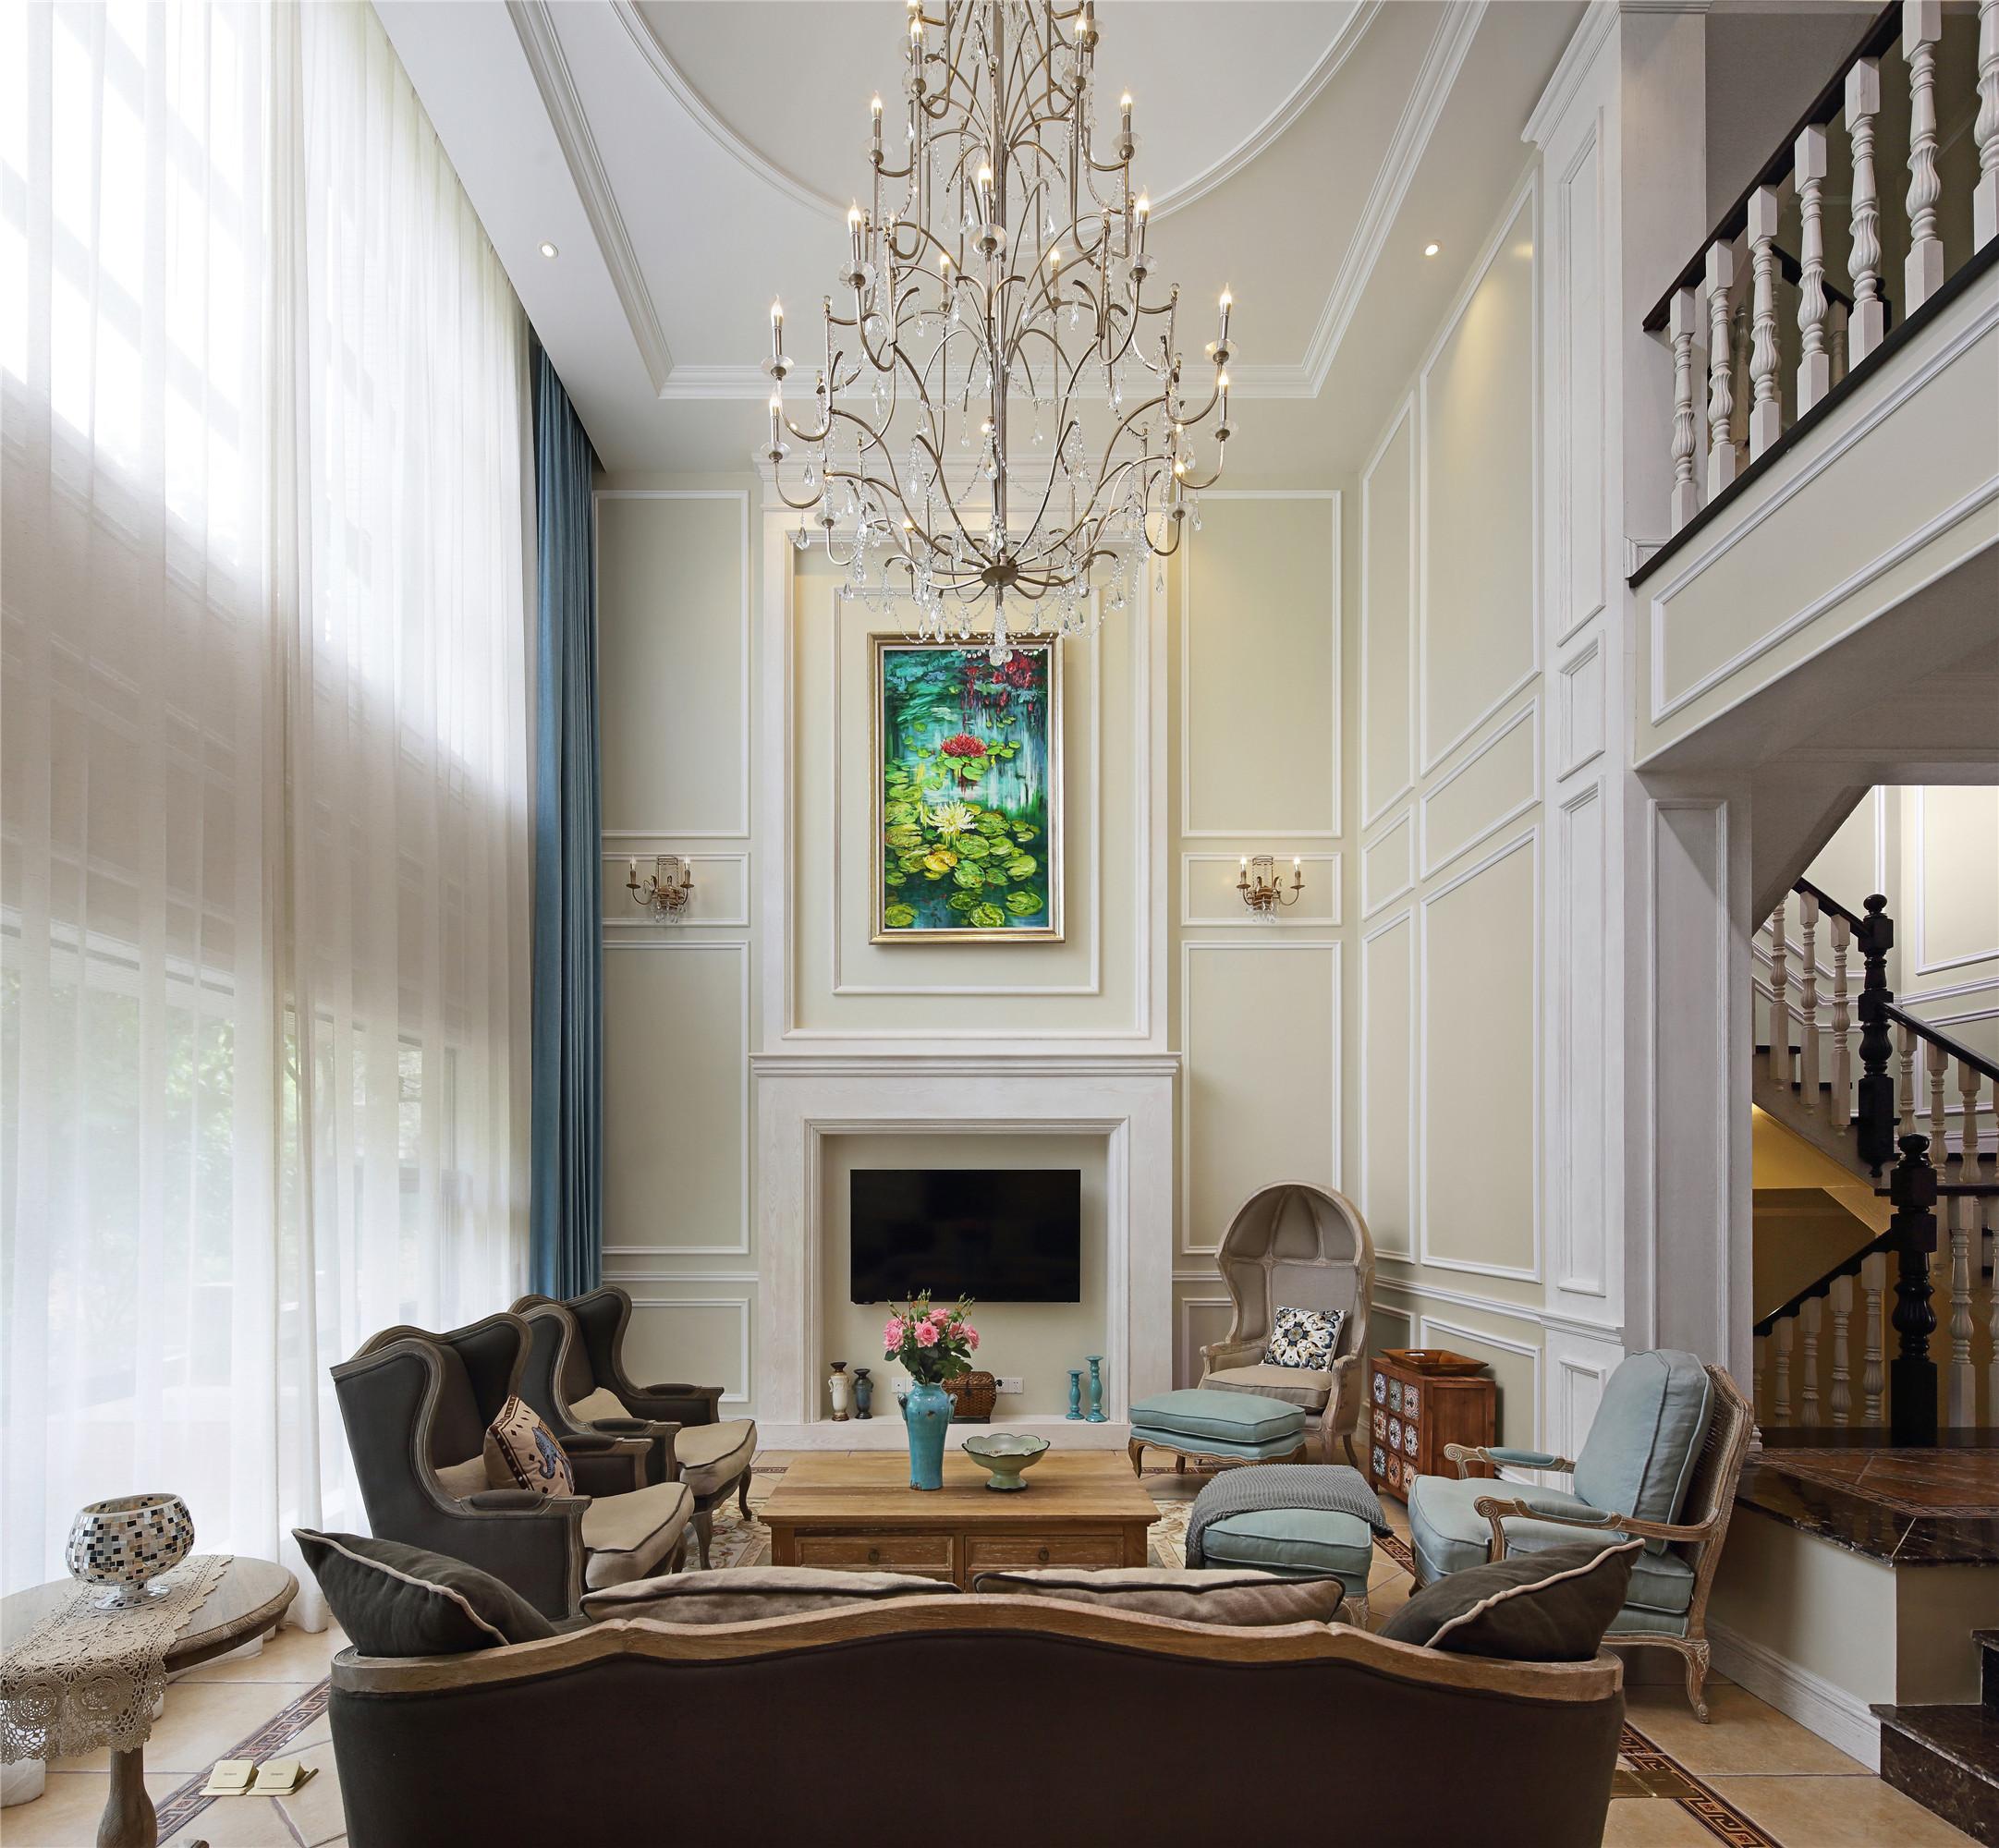 美式别墅装修吊灯图片